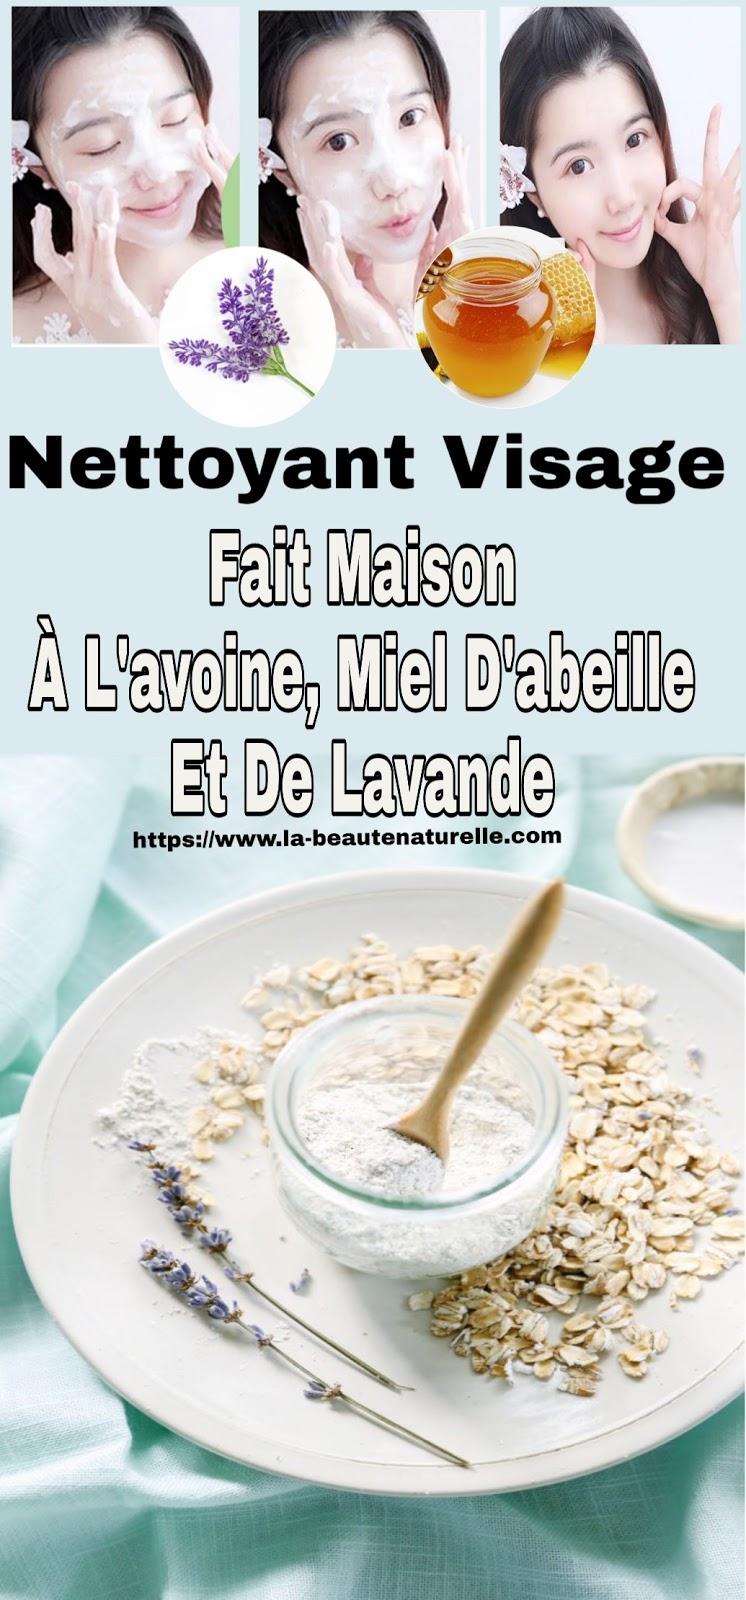 Nettoyant Visage Fait Maison À L'avoine, Miel D'abeille Et De Lavande